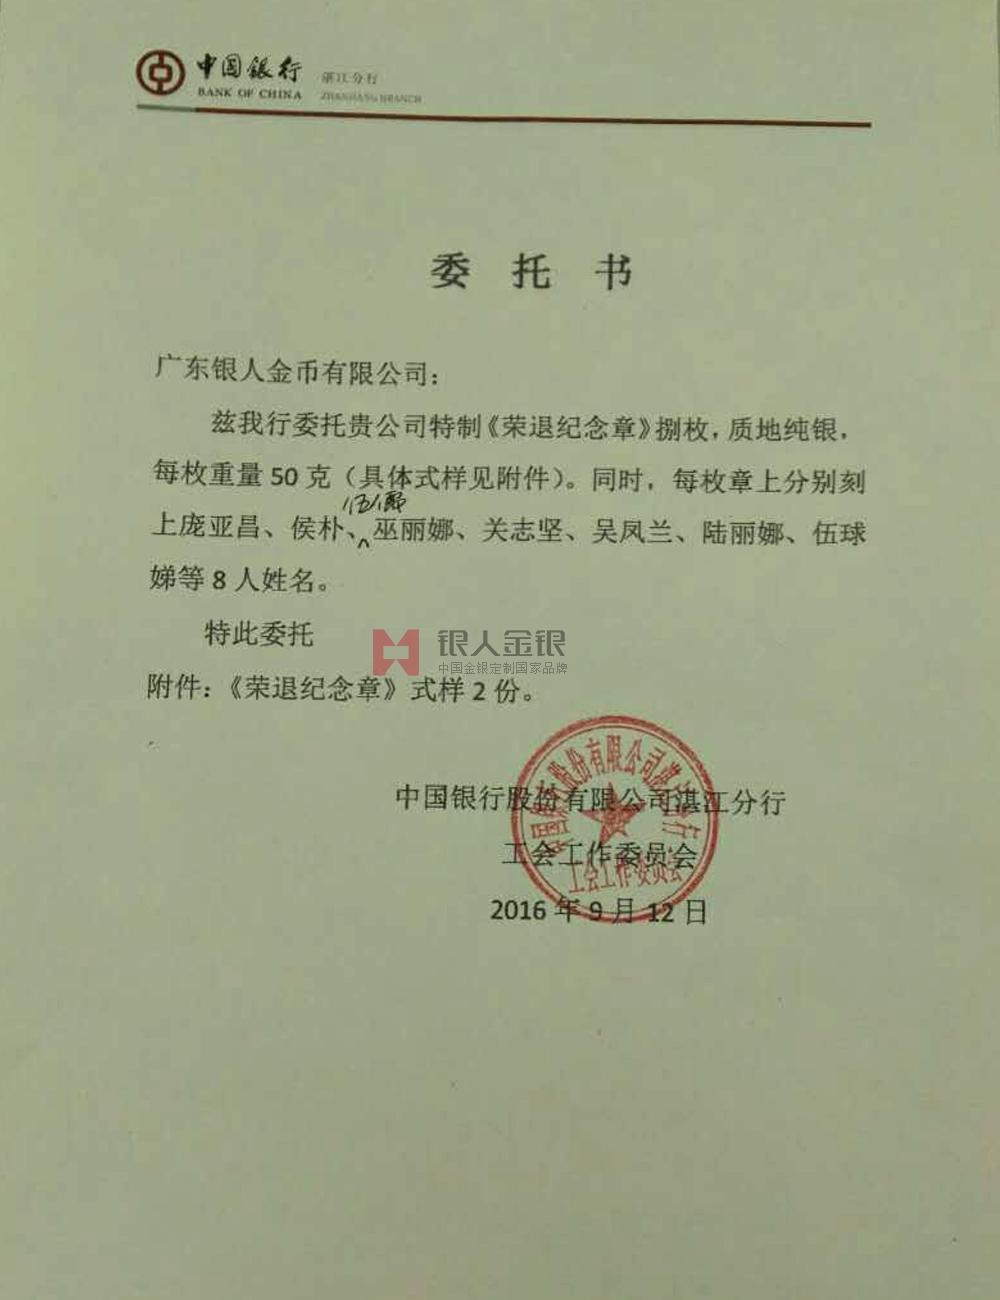 中国银行万博manbetx登陆电脑版万博maxbet客户端下载万博体育app官方下载